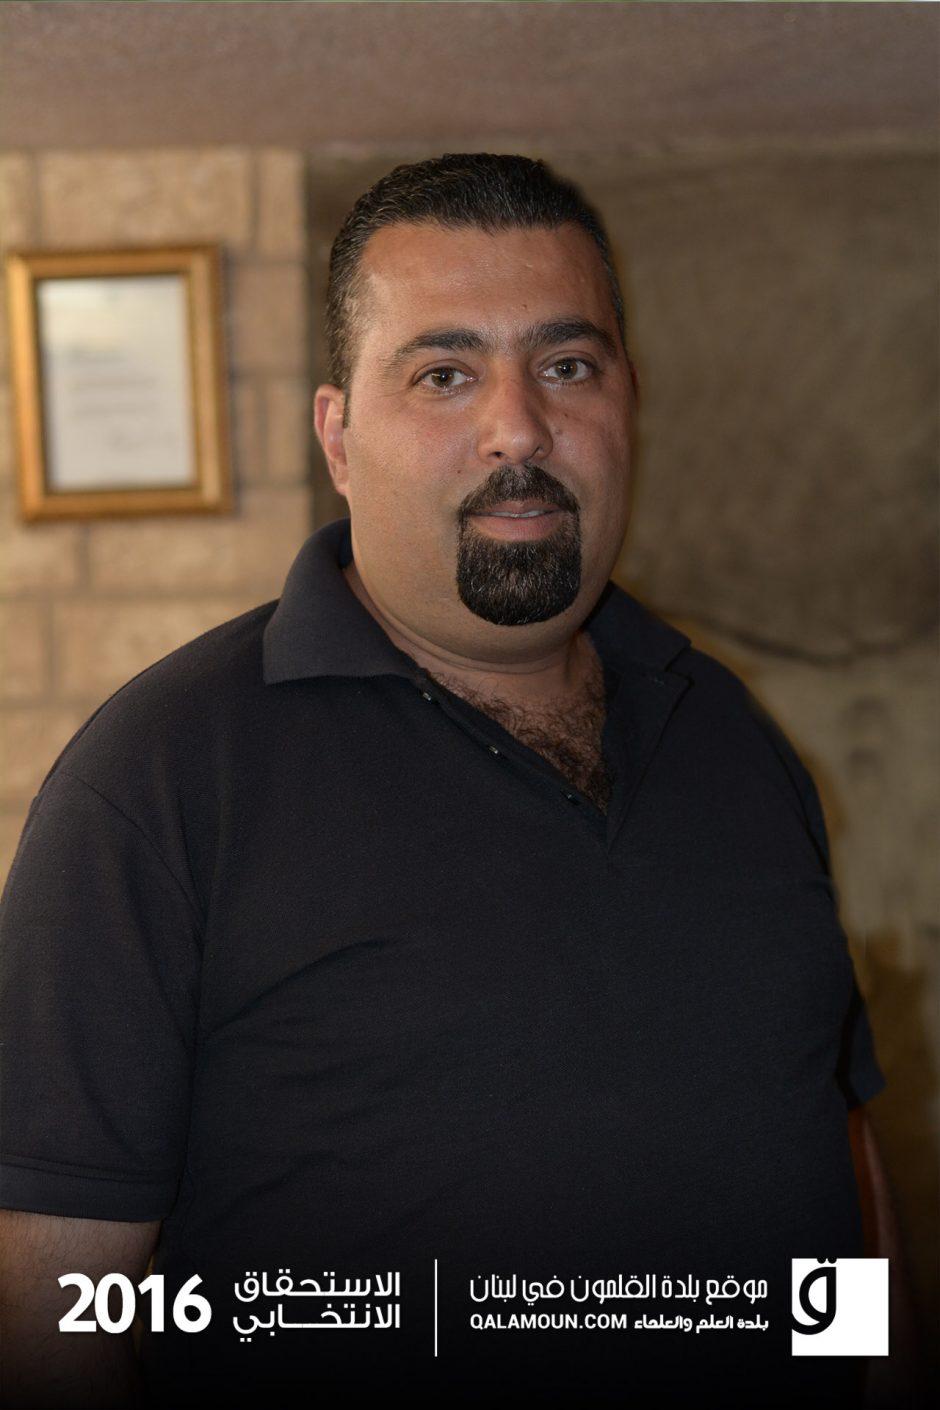 وسيم محمد الفرخ